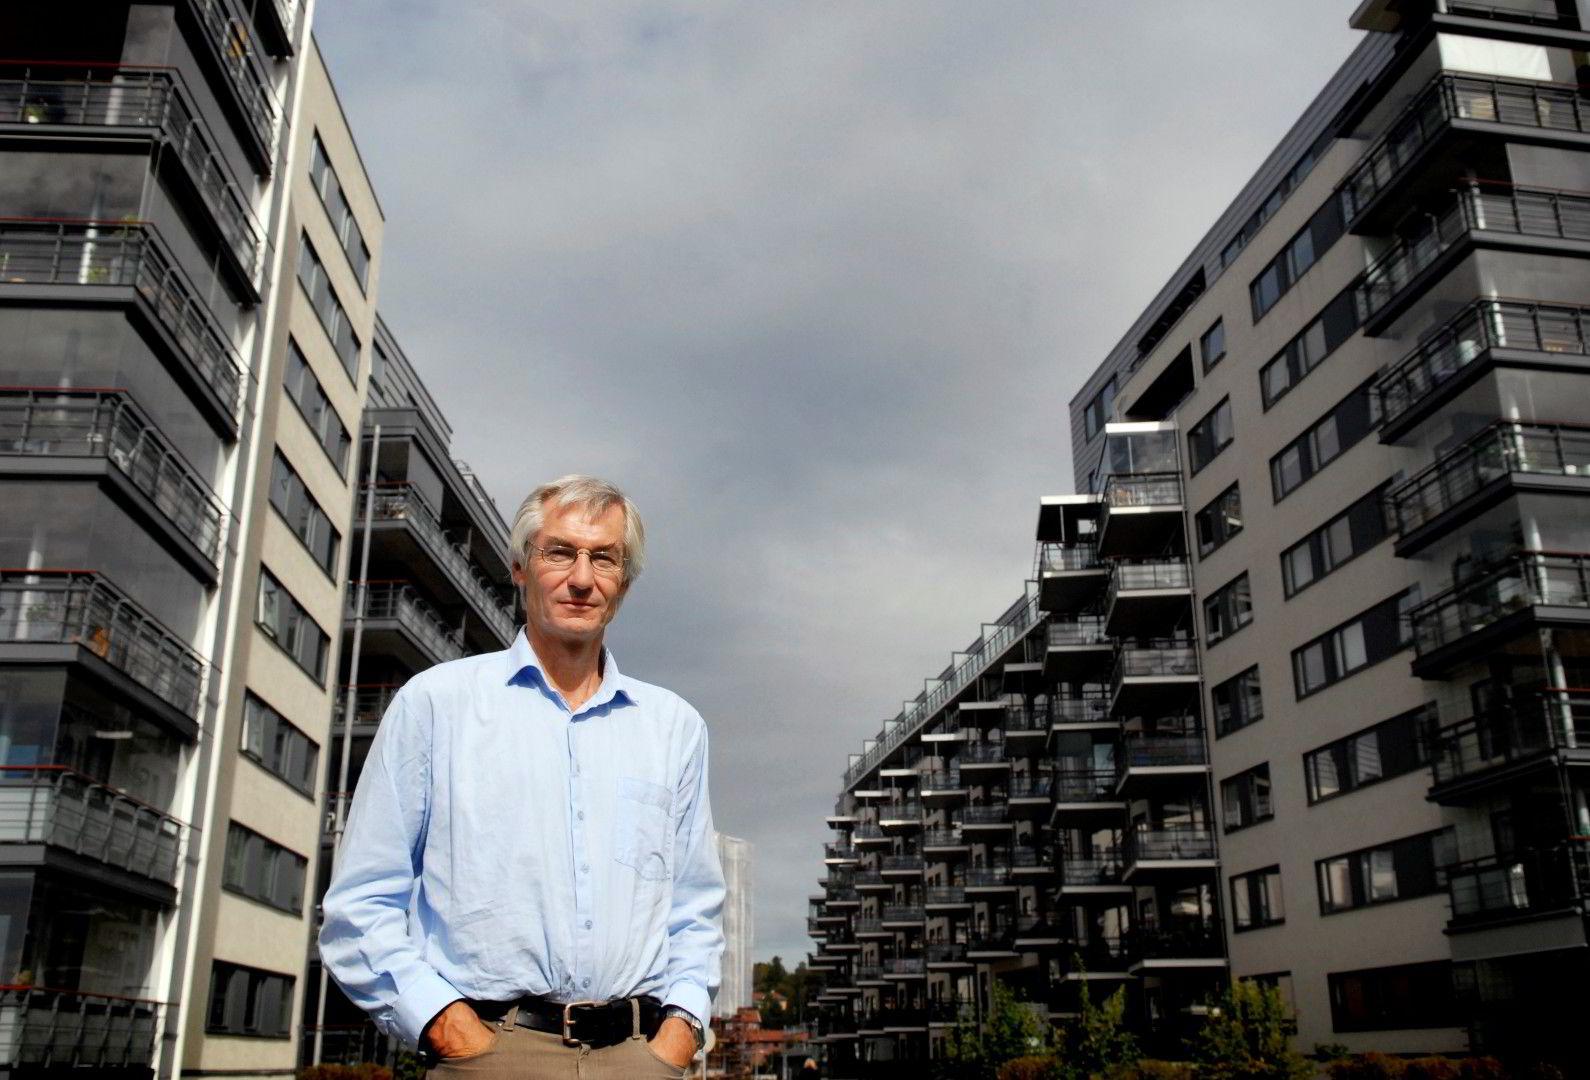 Sjeføkonom Kjell Senneset i analyseselskapet Prognosesenteret.